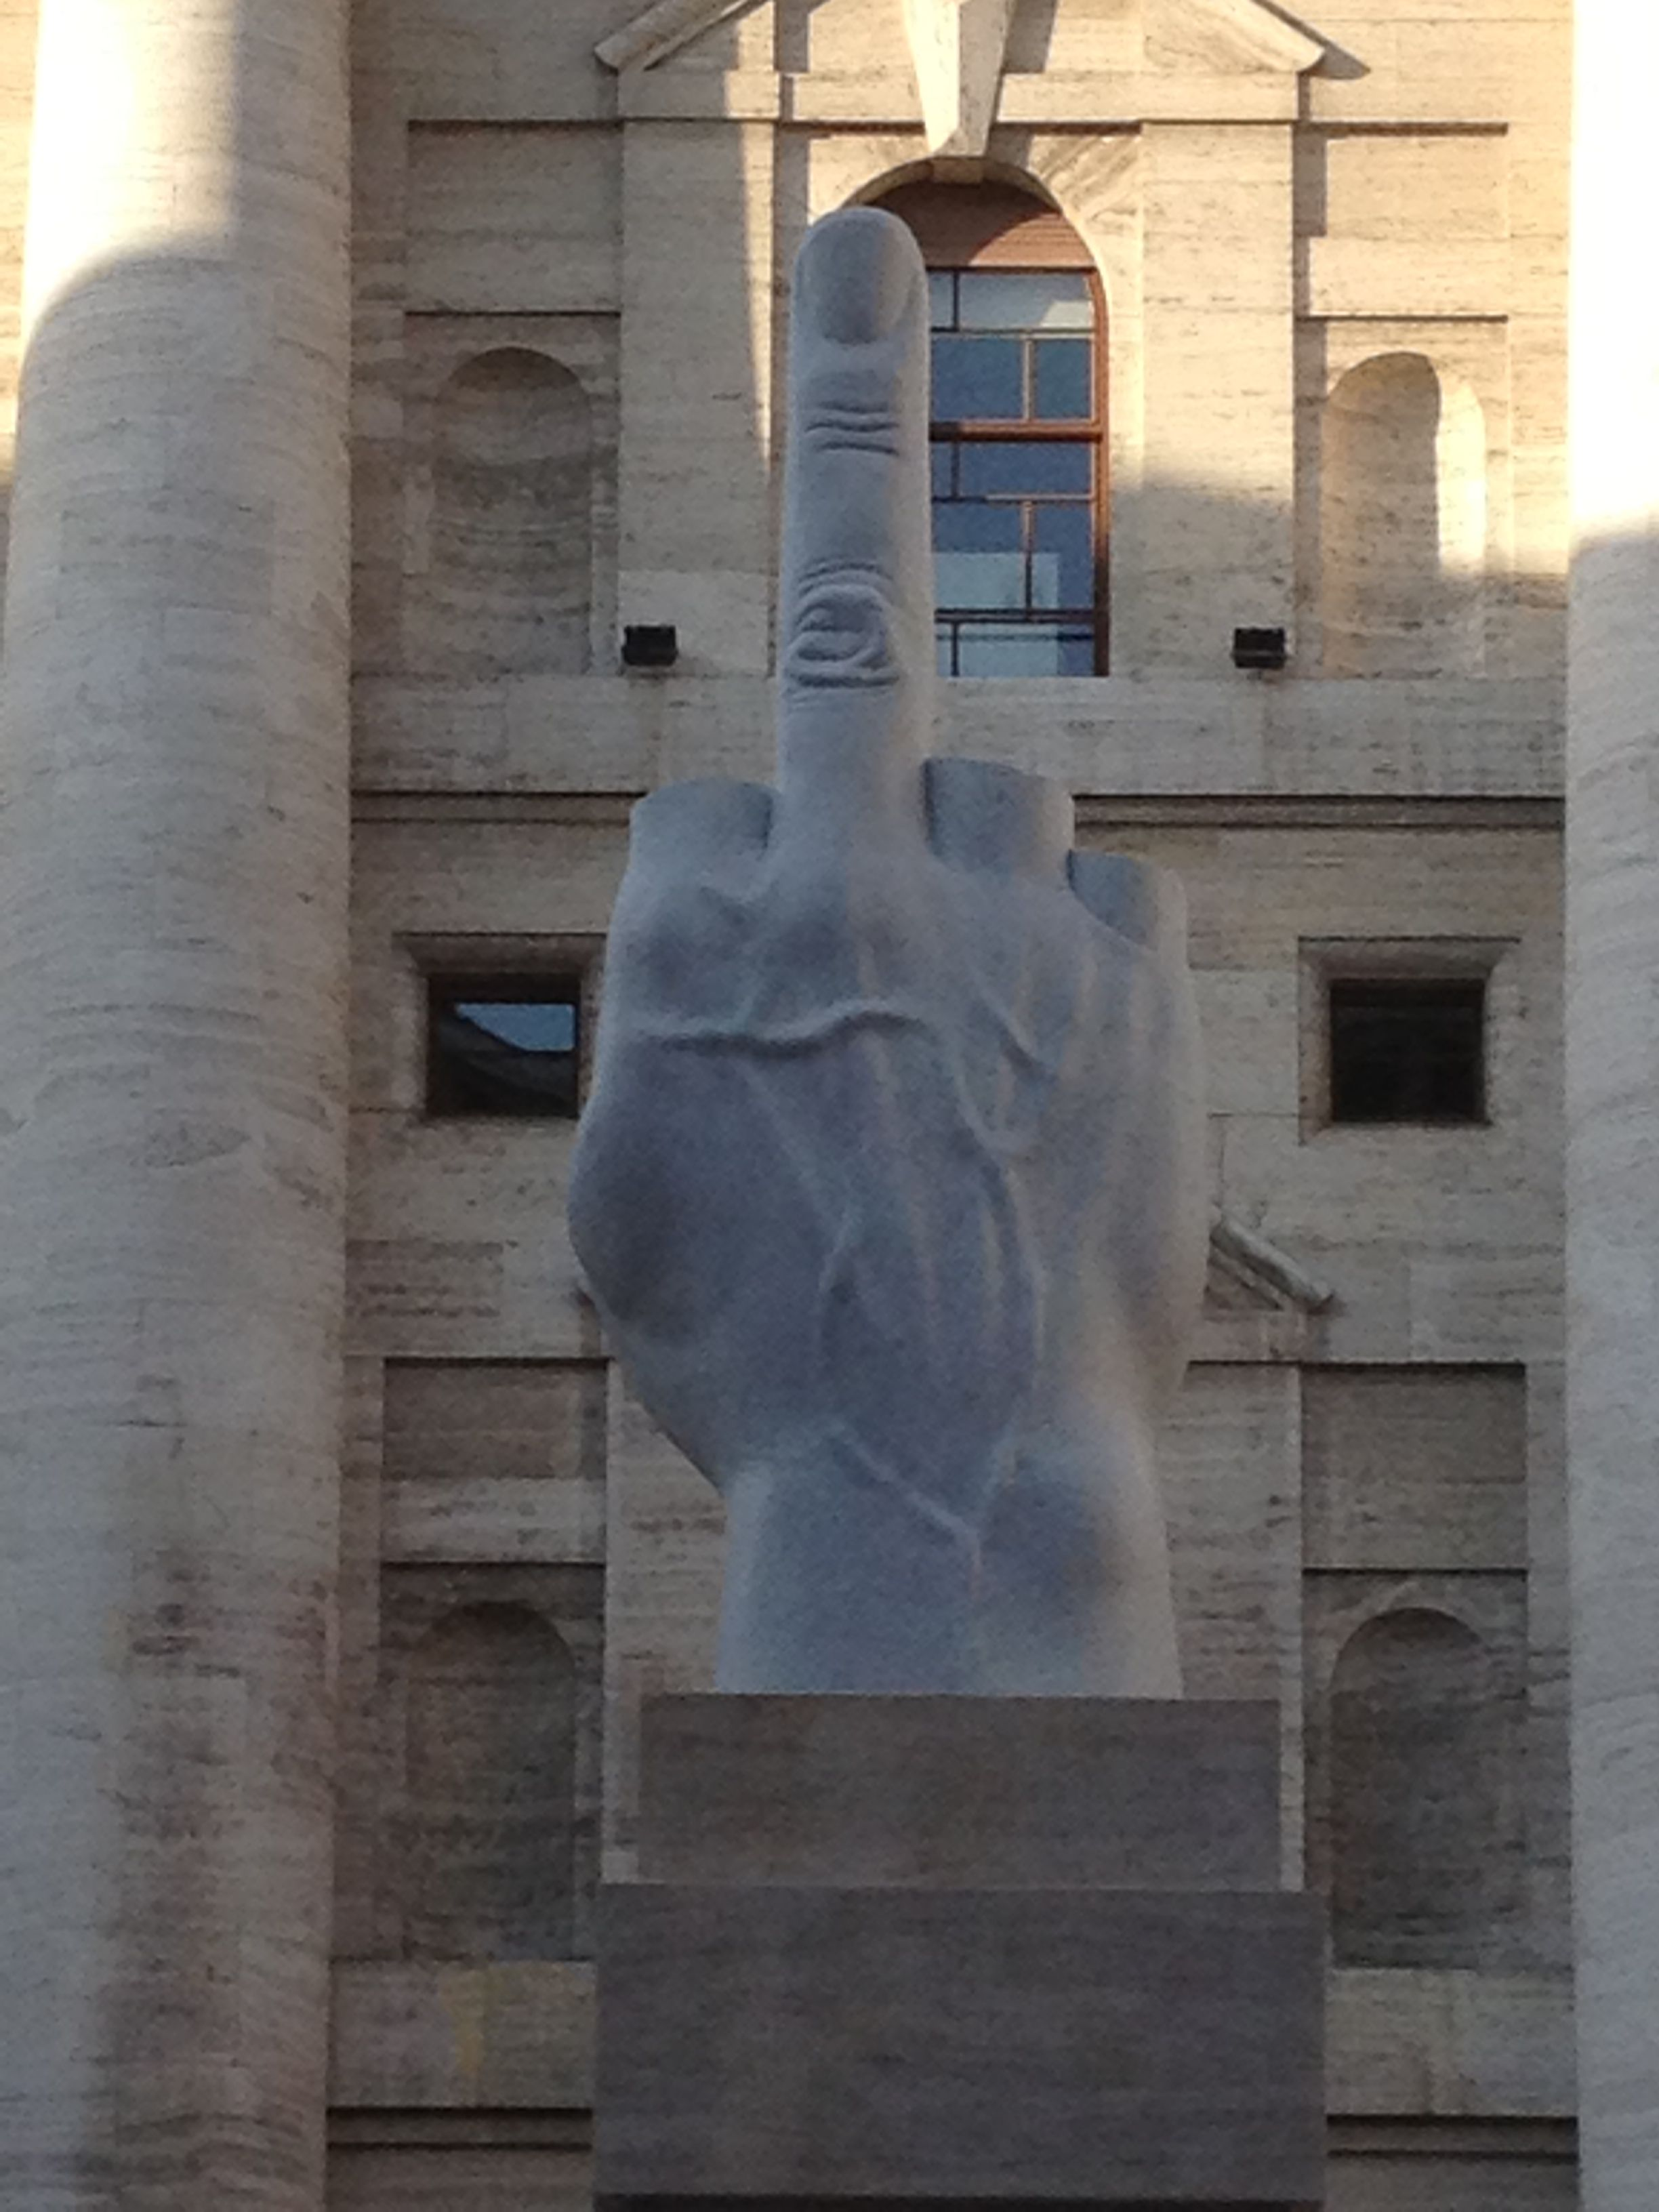 Fabuleux 10 oeuvres d'art contemporain qui ont choqué le public - Le blog d  UI01